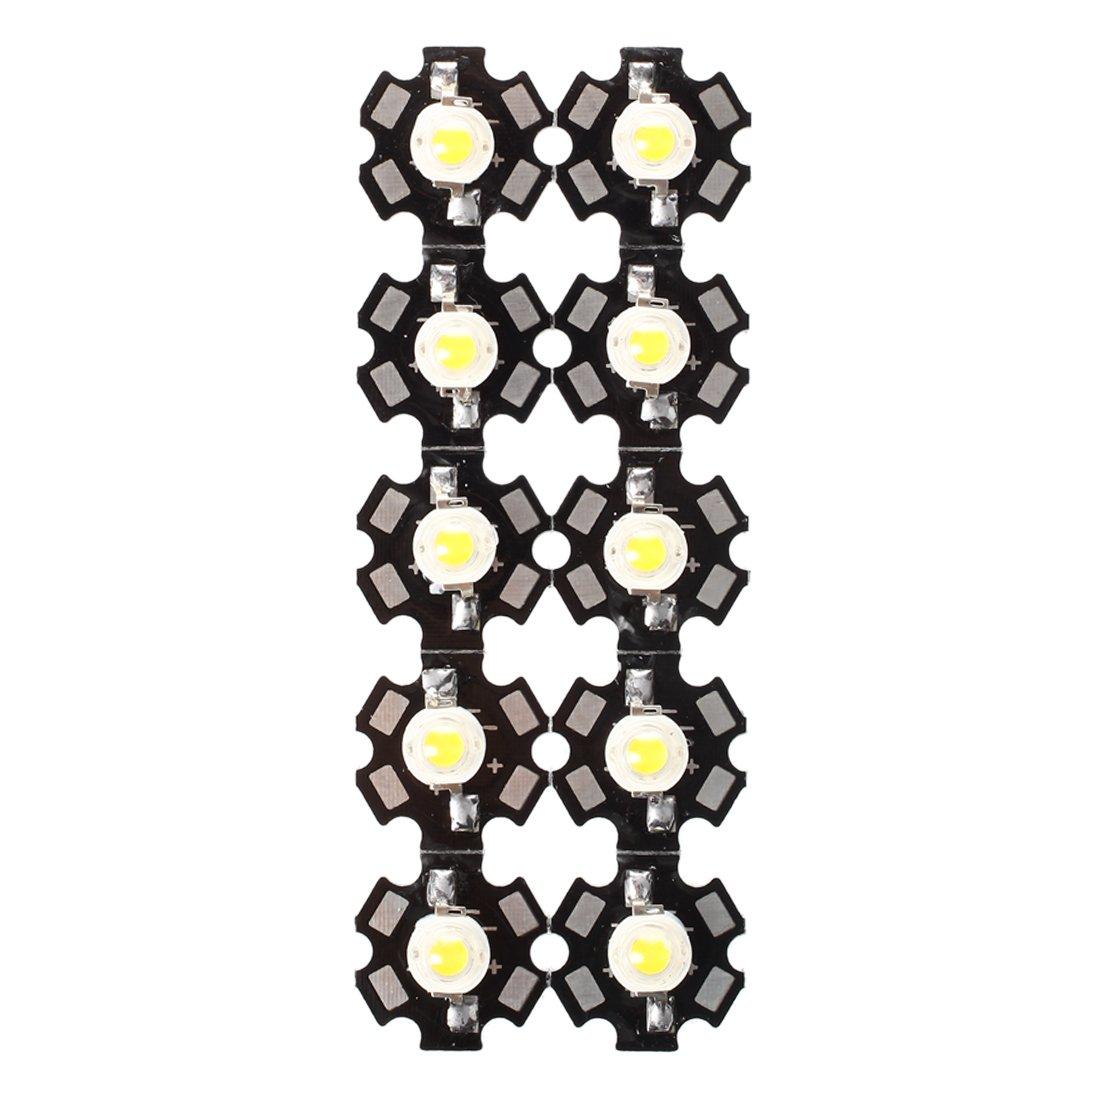 SODIAL(R) 10pcs. 3W haute puissance blanc chaud LED Lumiere Ampoule Lampe